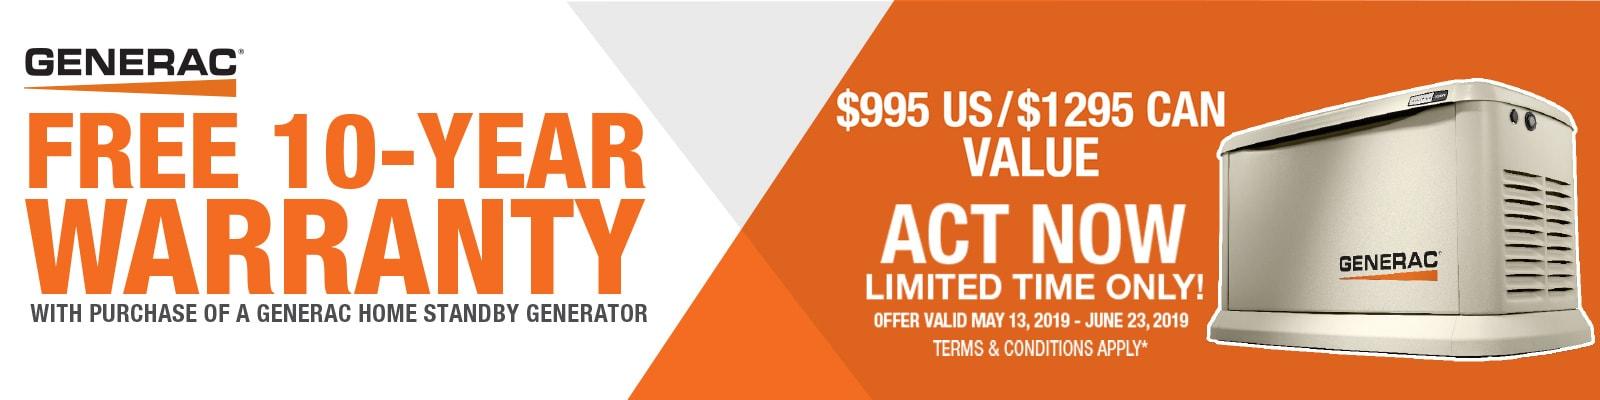 Generac free 10-year warranty offer.